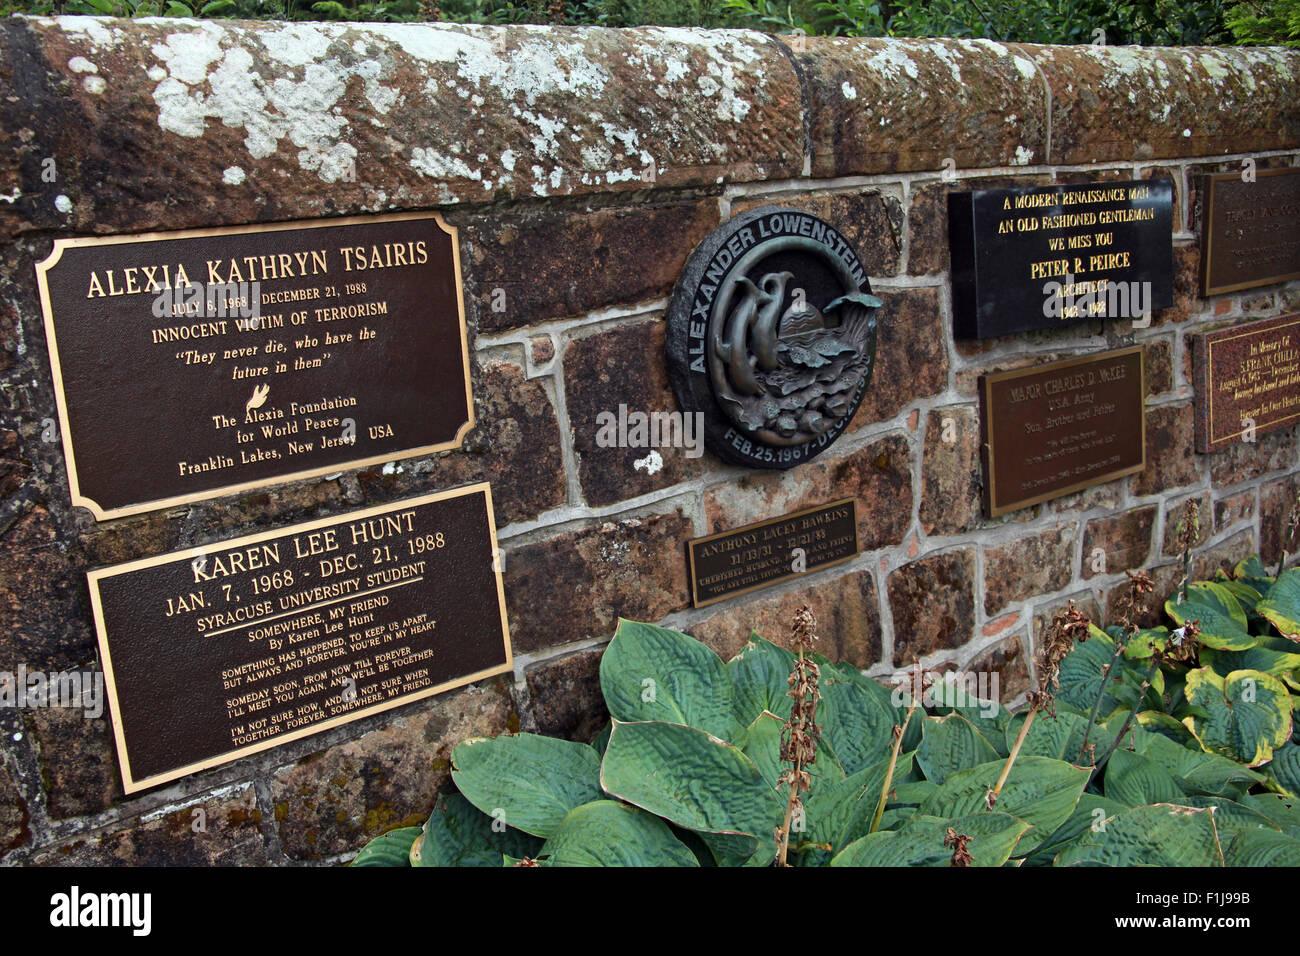 Laden Sie dieses Alamy Stockfoto Lockerbie PanAm103 In Erinnerung Memorial Wall, Schottland - F1J99B